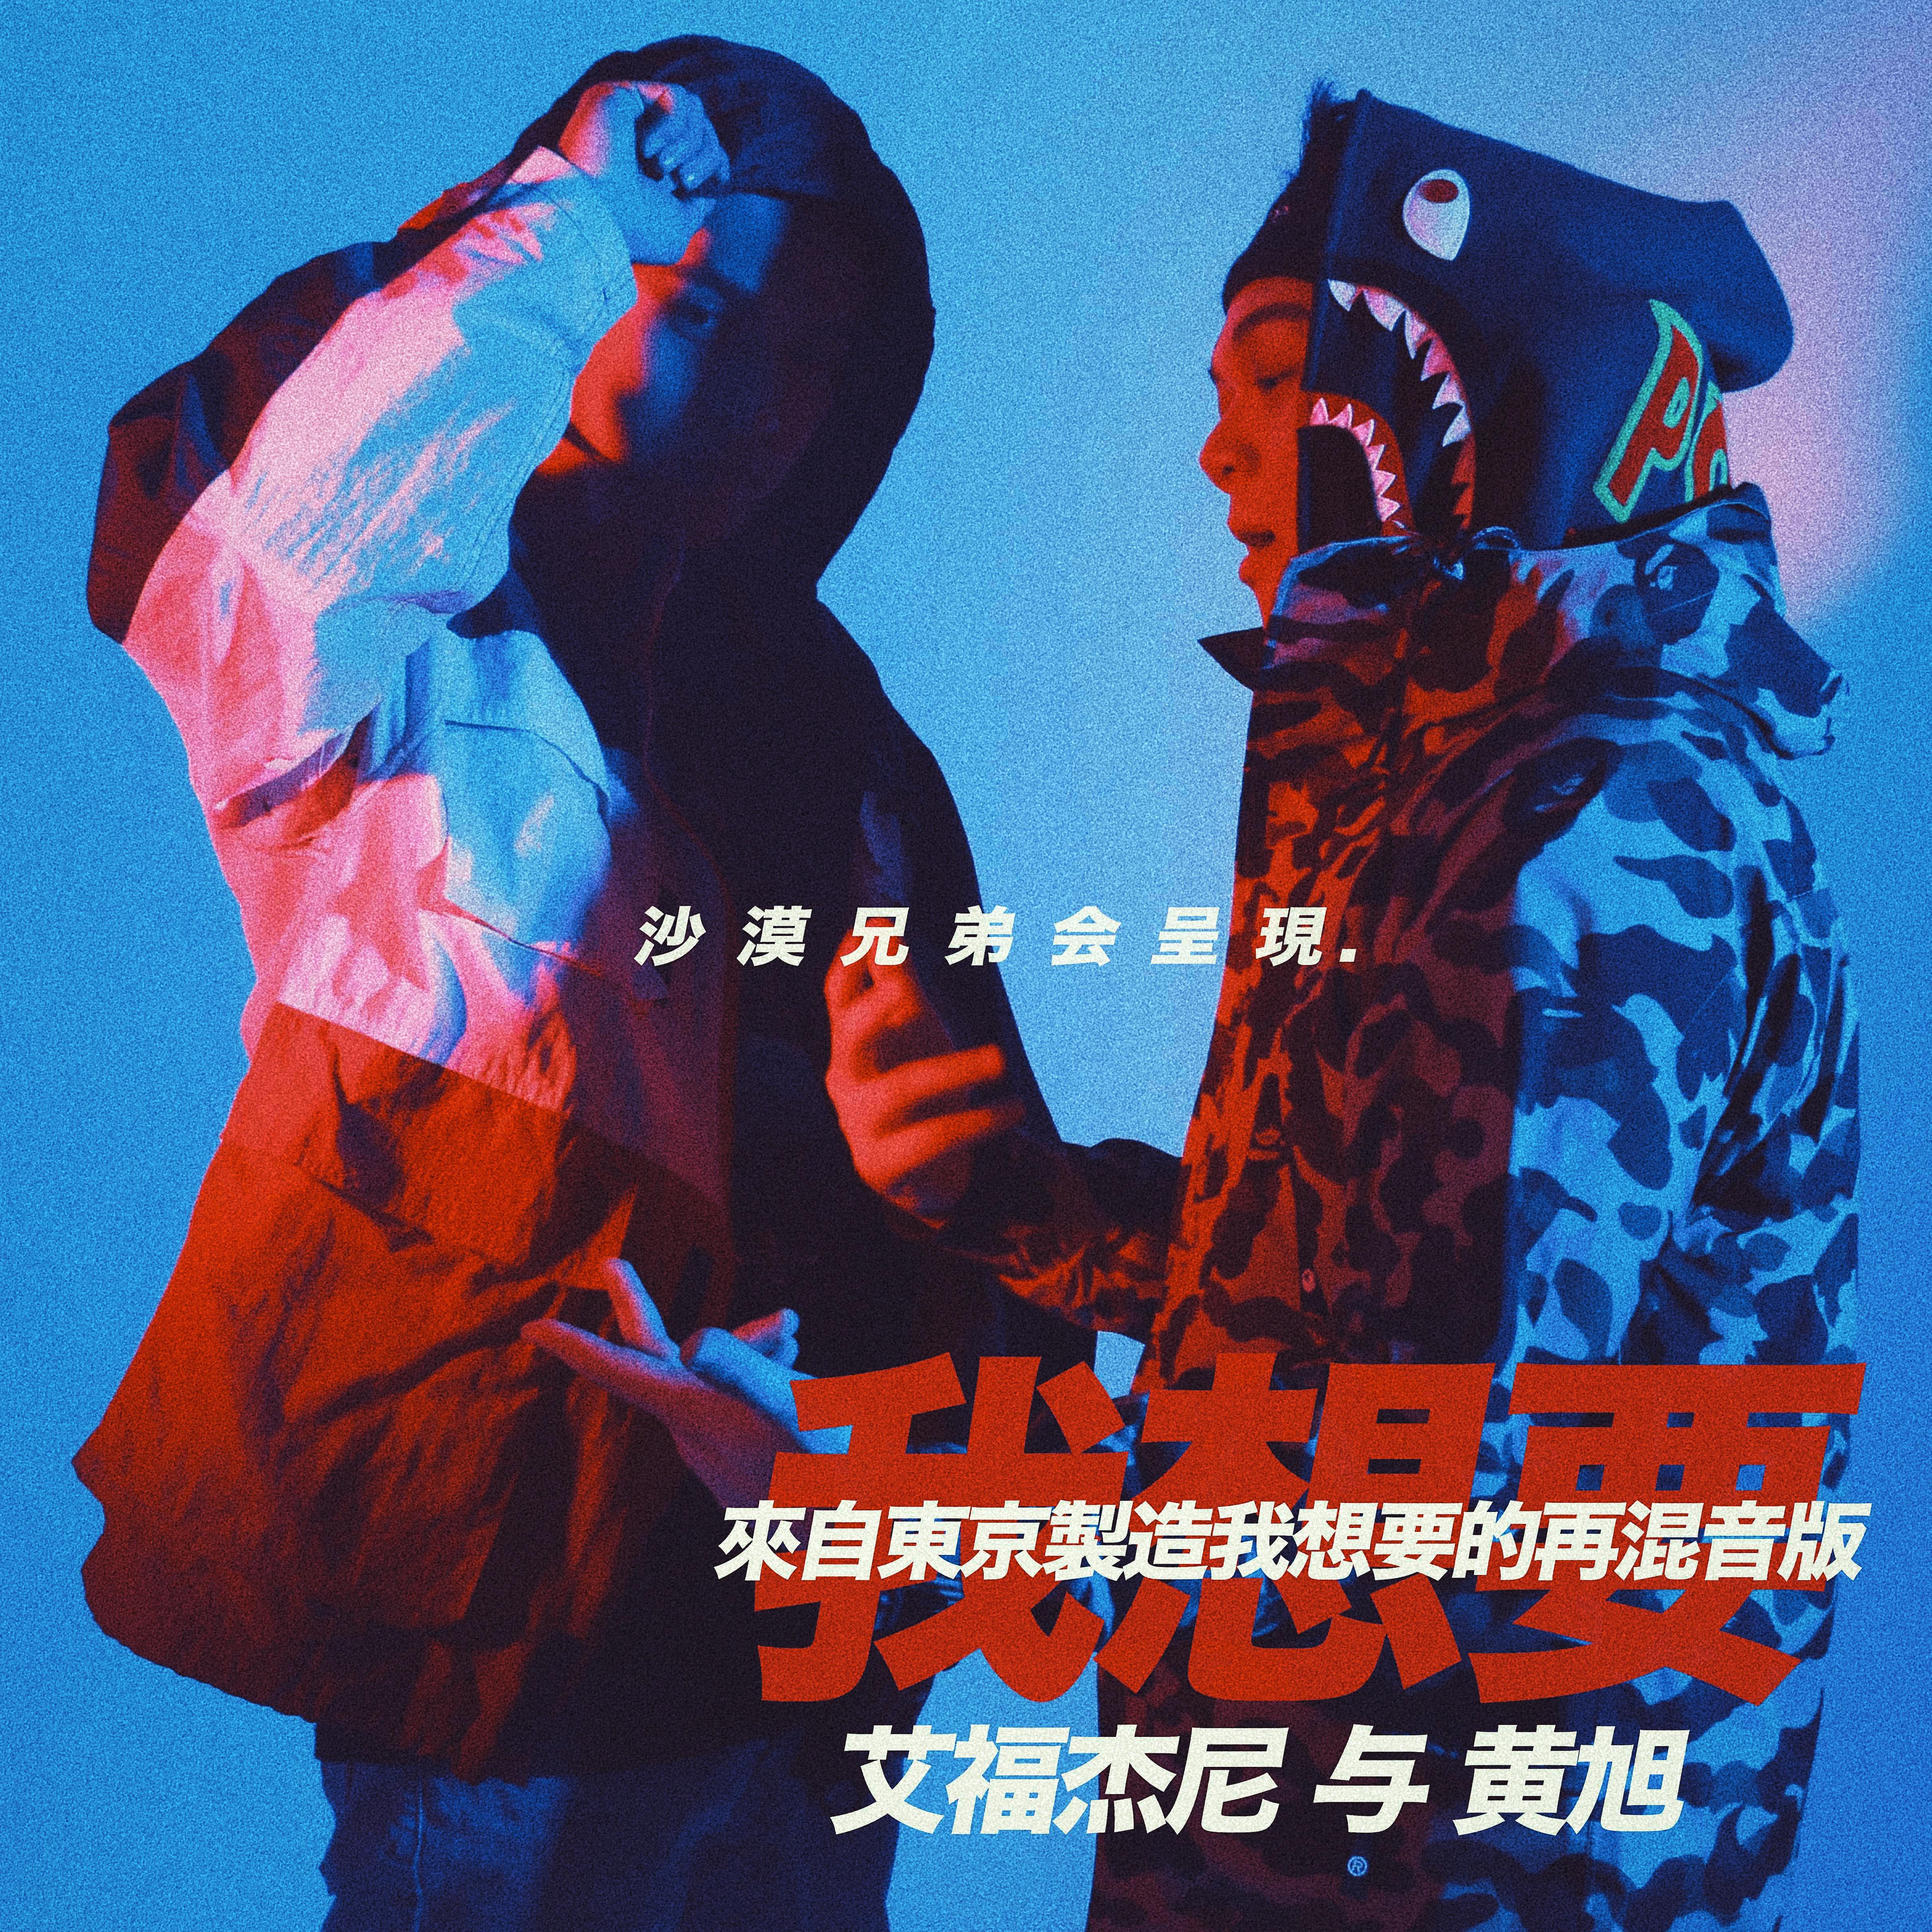 我想要 艾福杰尼Feat. BooM黄旭(I Want Remix )